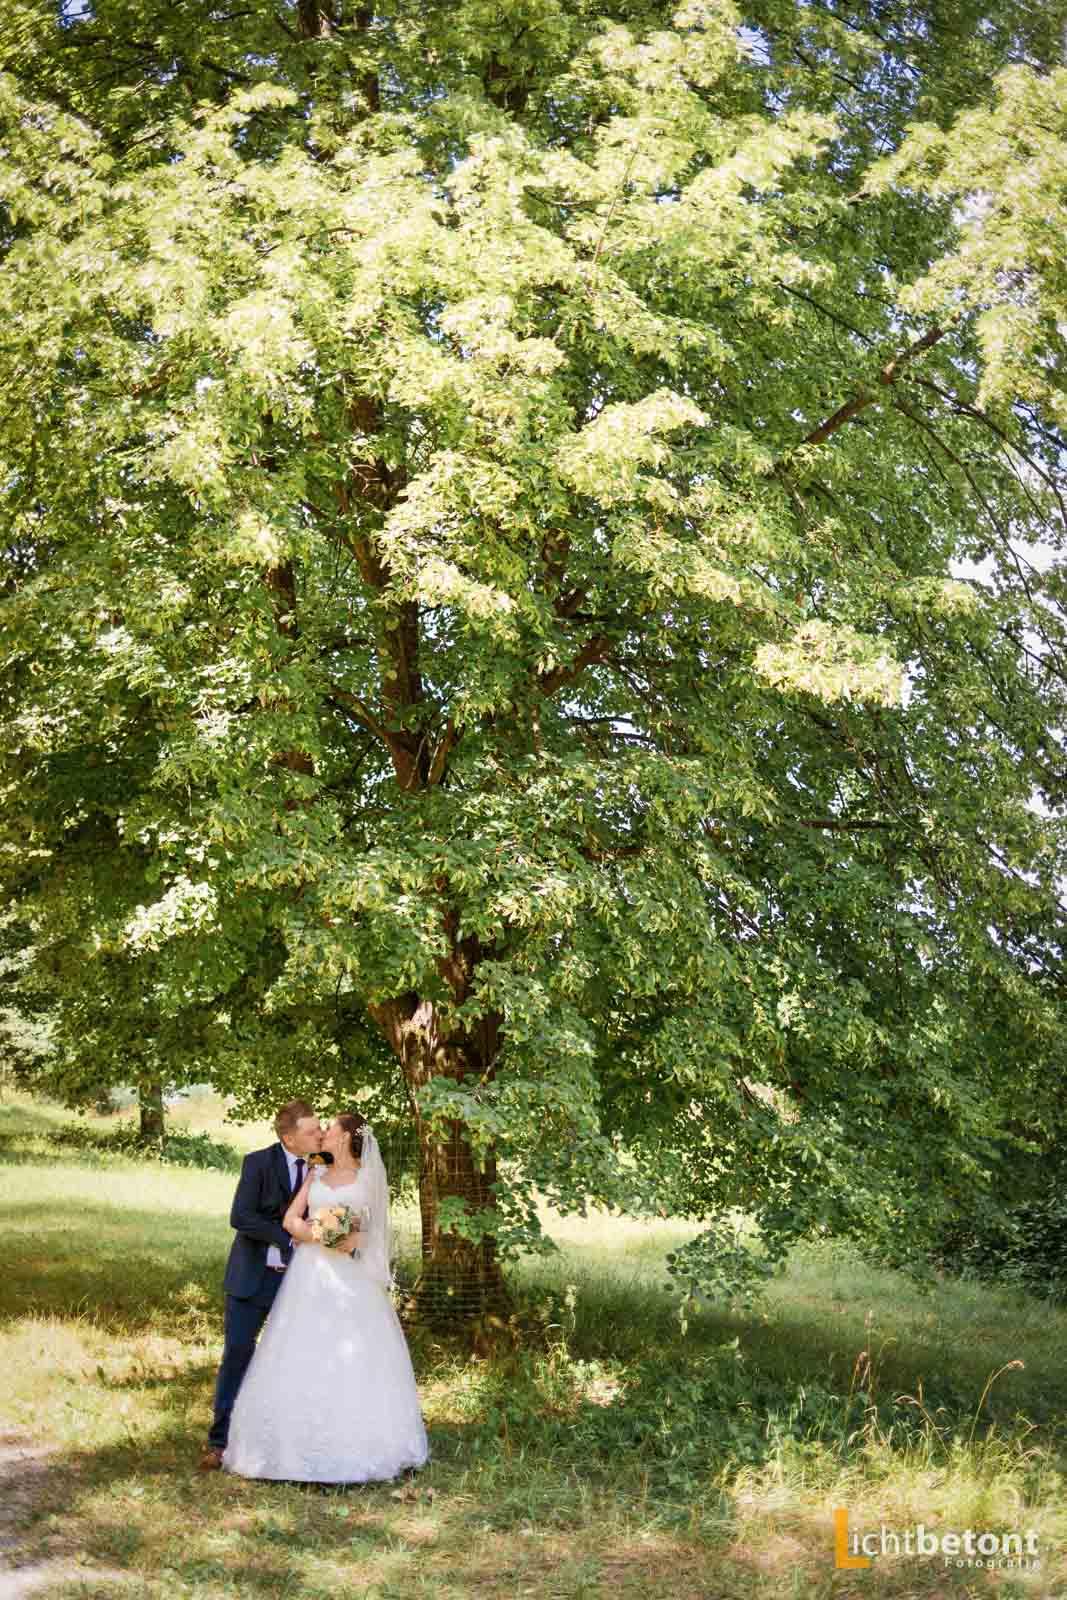 Hochzeitsreportage Seehaus Asam Kirche Ingolstadt Barocksaal Baggersee heiraten Hochzeitsfeier_0023